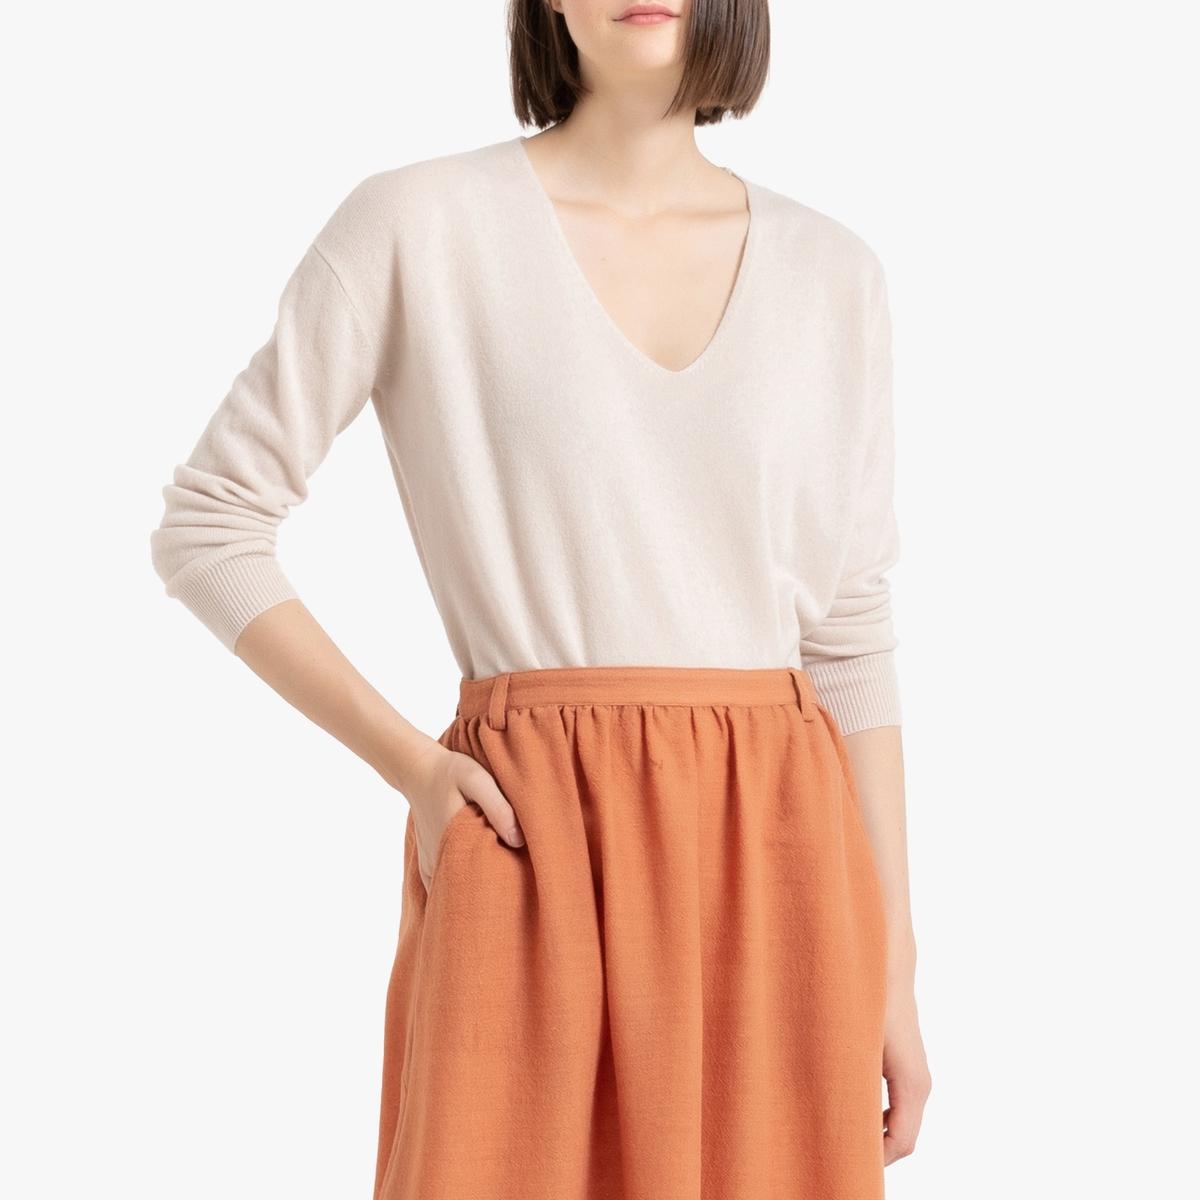 Пуловер La Redoute Из кашемира с V-образным вырезом объемный покрой S белый ic men коричневый пуловер из кашемира